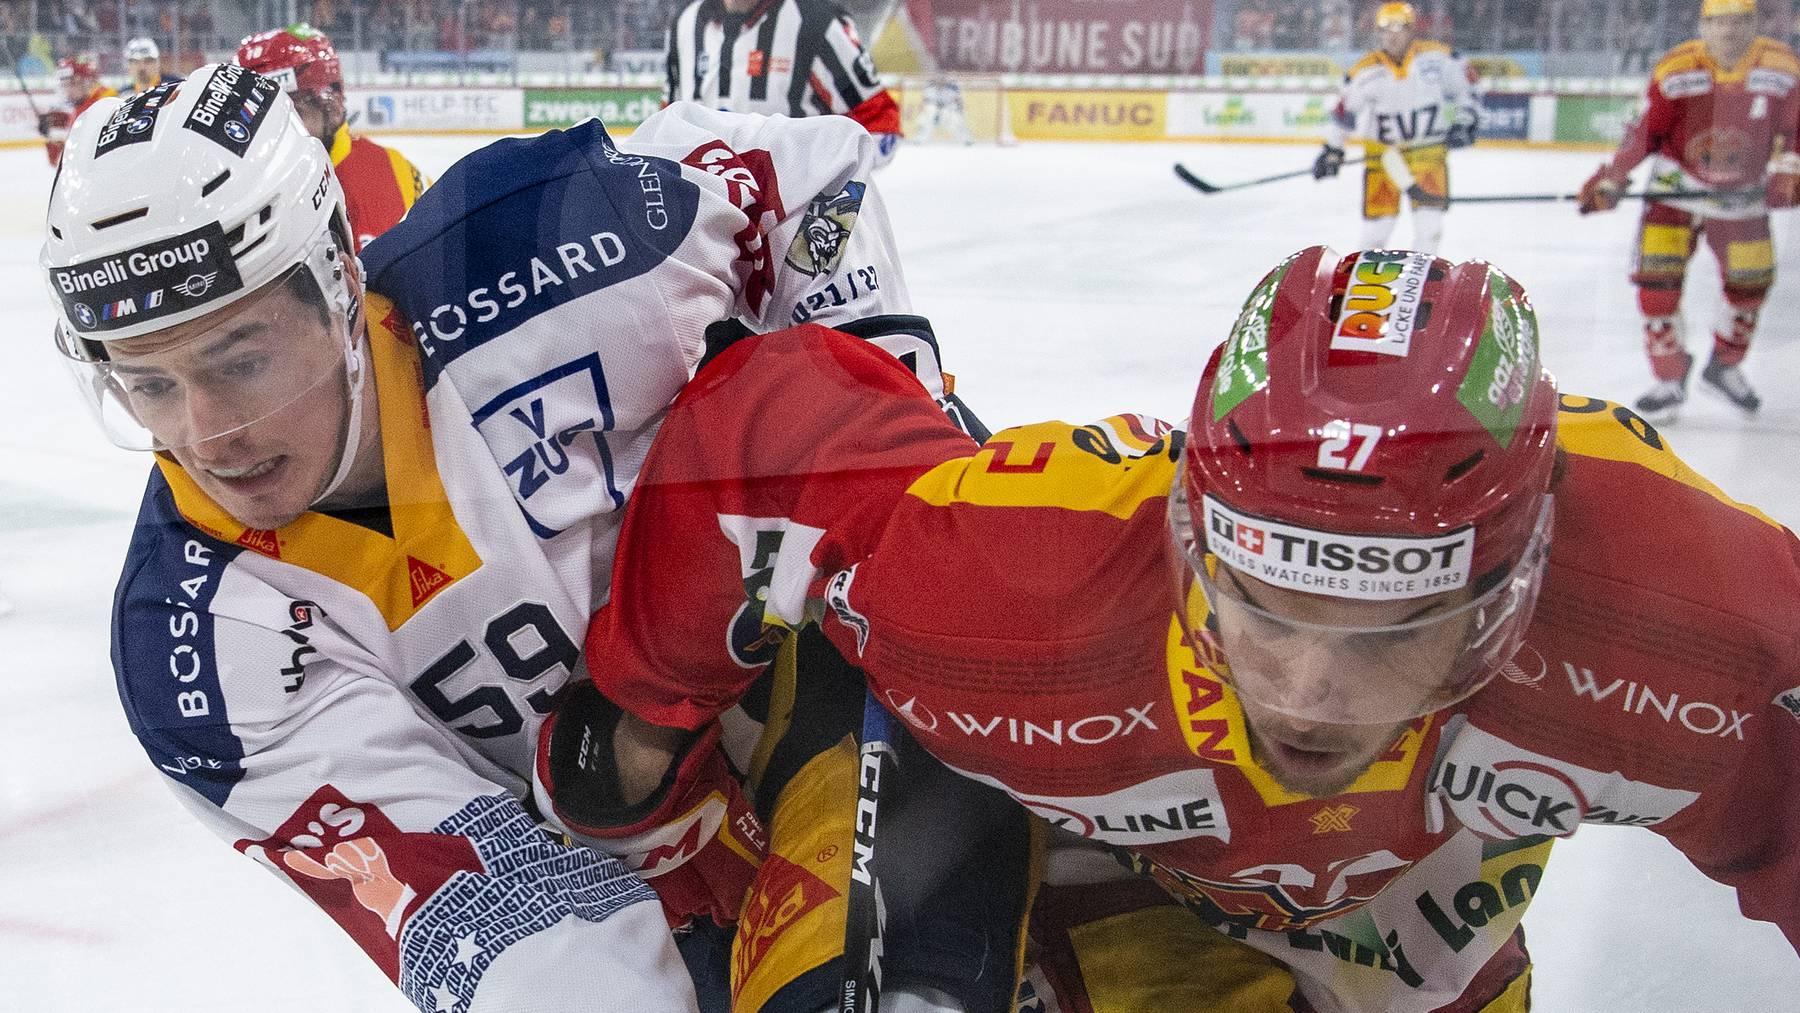 Biels Yannick Rathgeb, rechts, im Duell mit Zugs Dario Simion im Eishockey Meisterschaftsspiel der National League zwischen dem EHC Biel und dem EV Zug, am Samstag, 2. Oktober 2021, in der Tissot Arena in Biel.